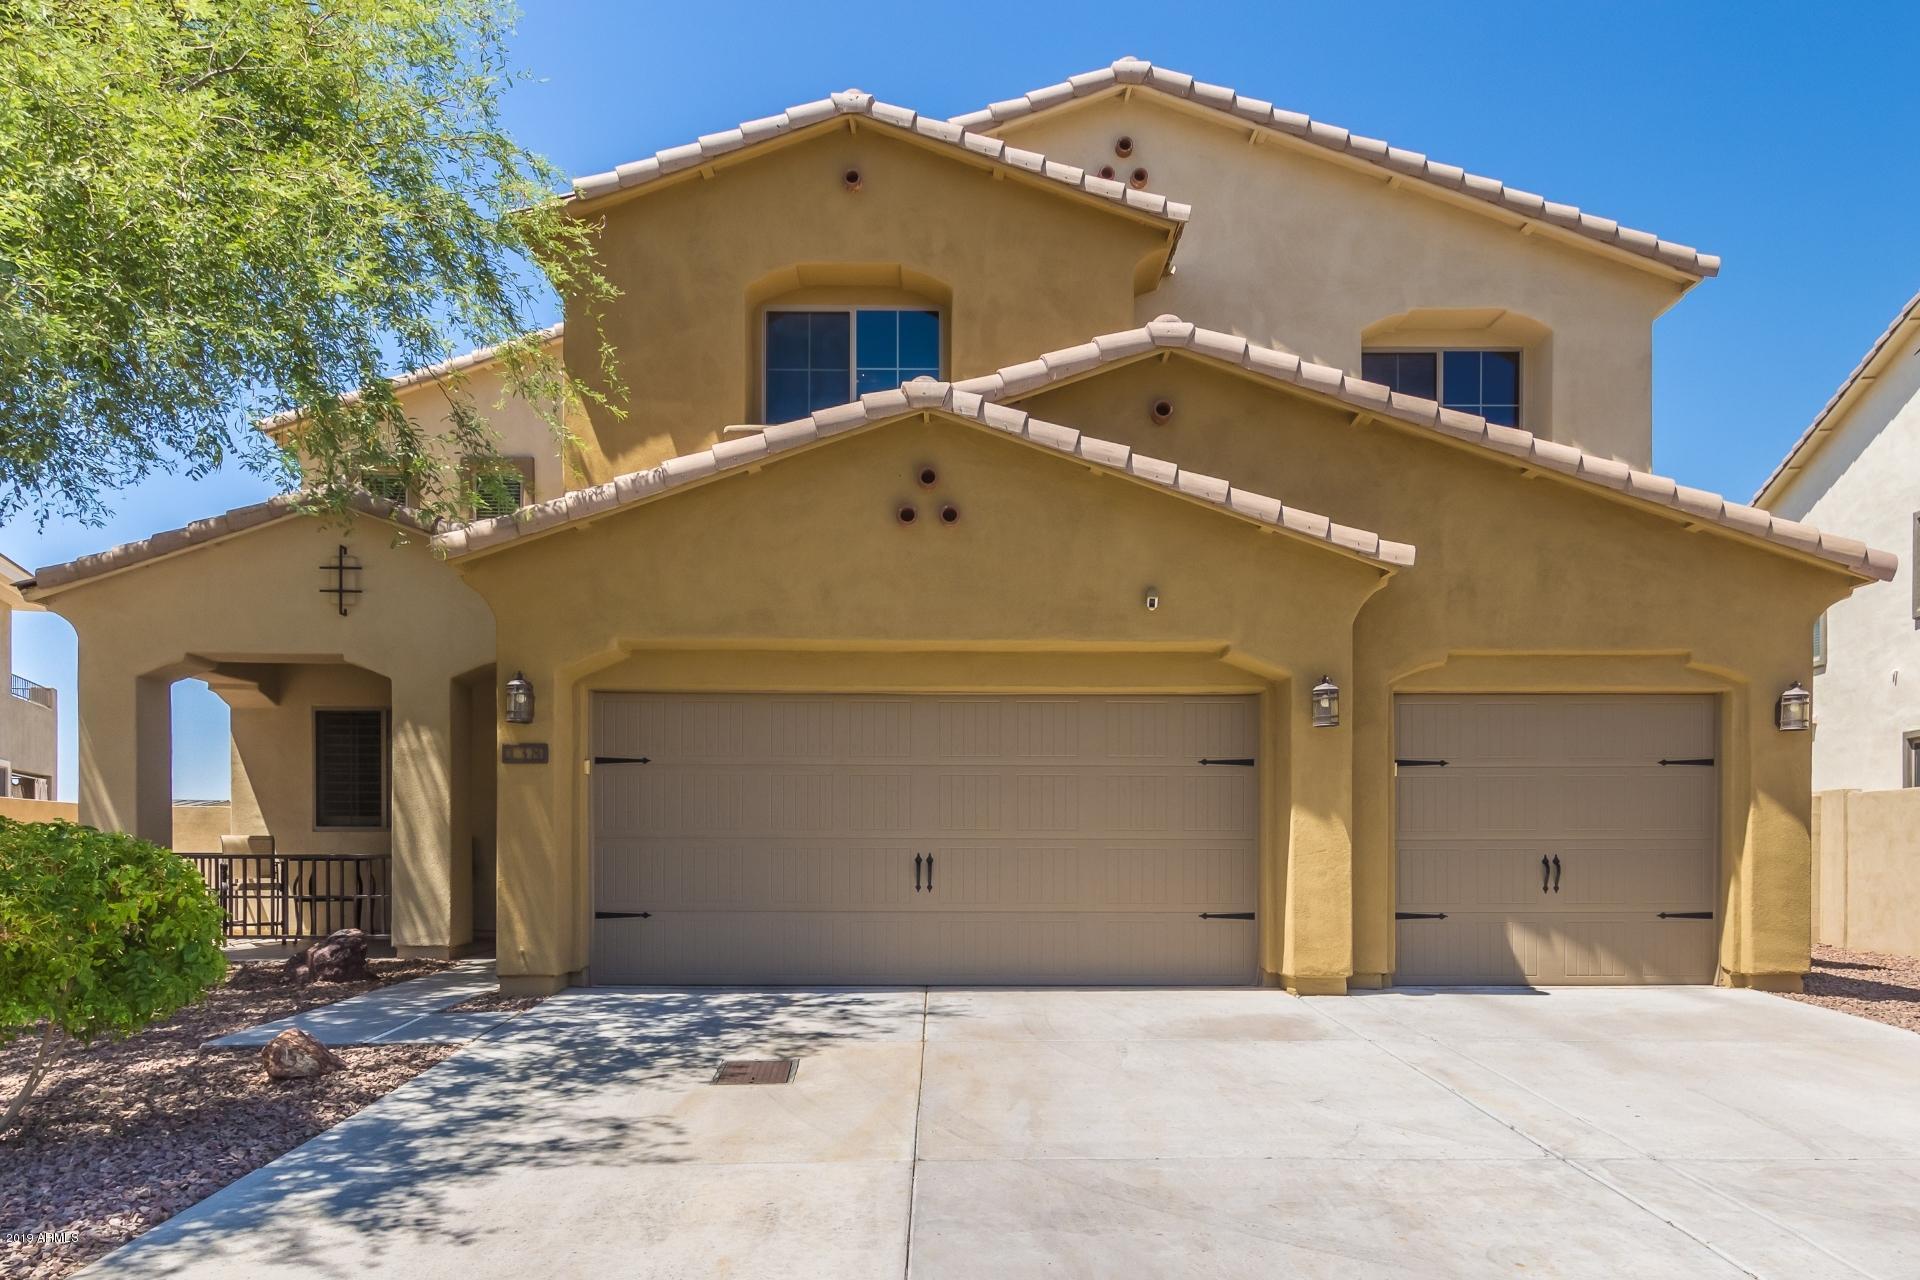 Photo of 138 N 110TH Drive, Avondale, AZ 85323